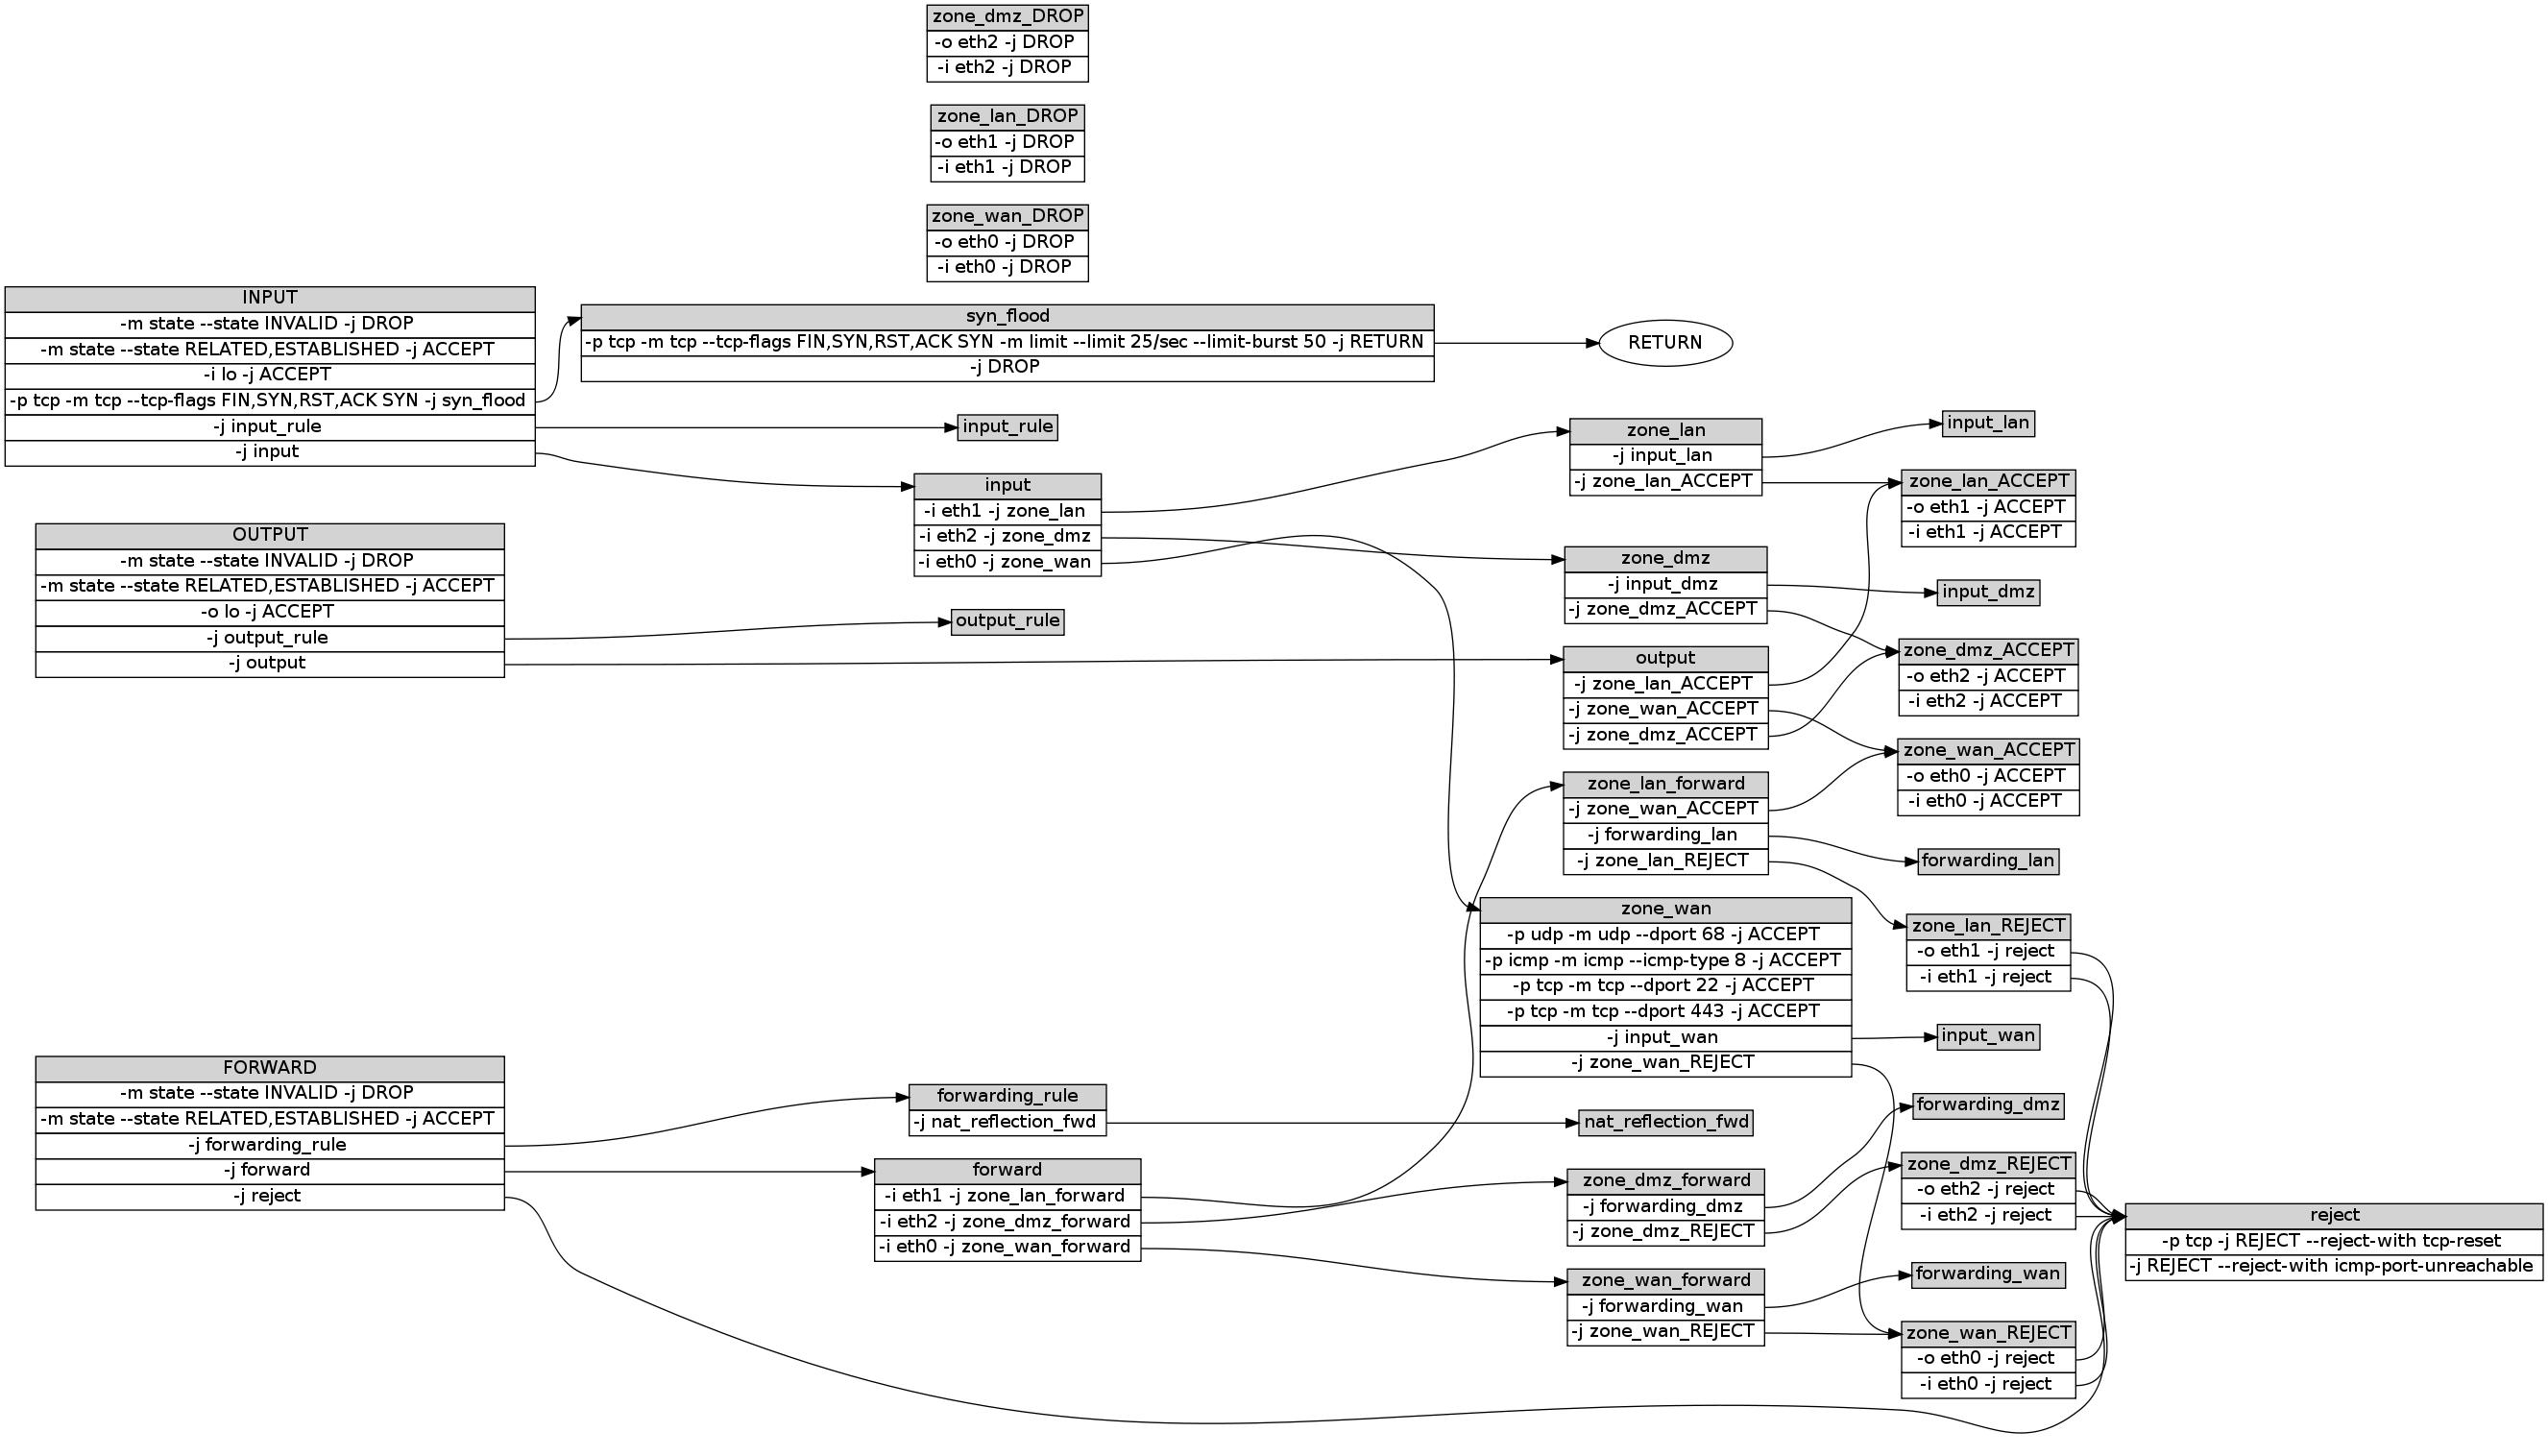 Graph der iptables Tabelle 'filter' von OpenWrt